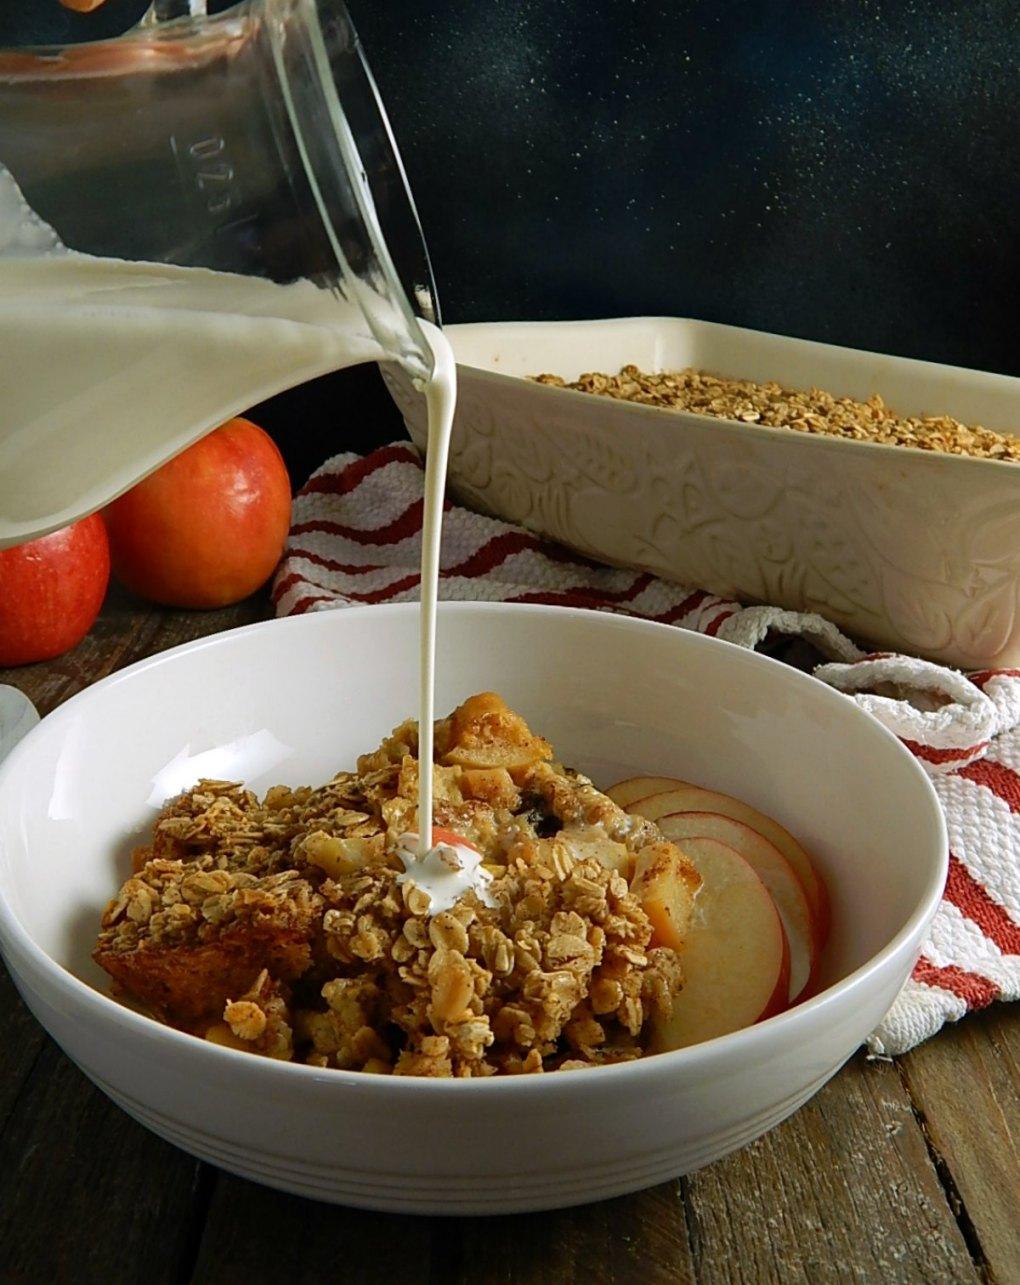 Make-Ahead Apple Baked Oatmeal